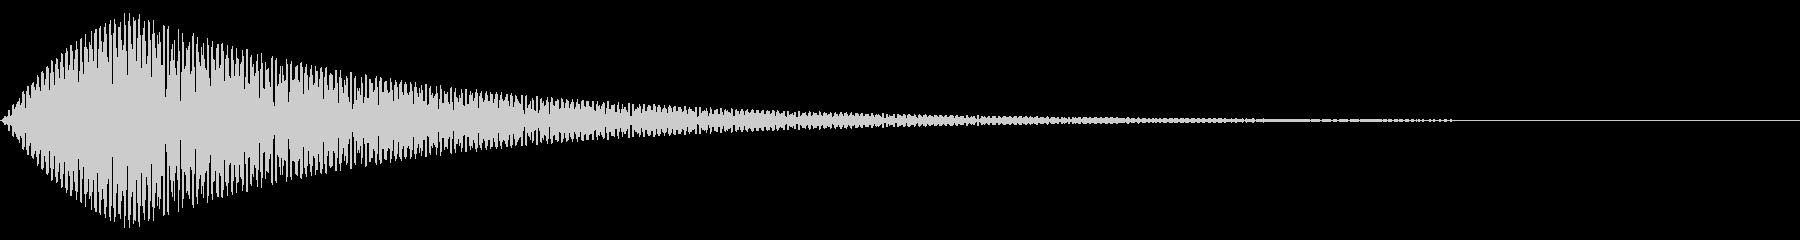 エレクトロ・ベル・ヒットの未再生の波形